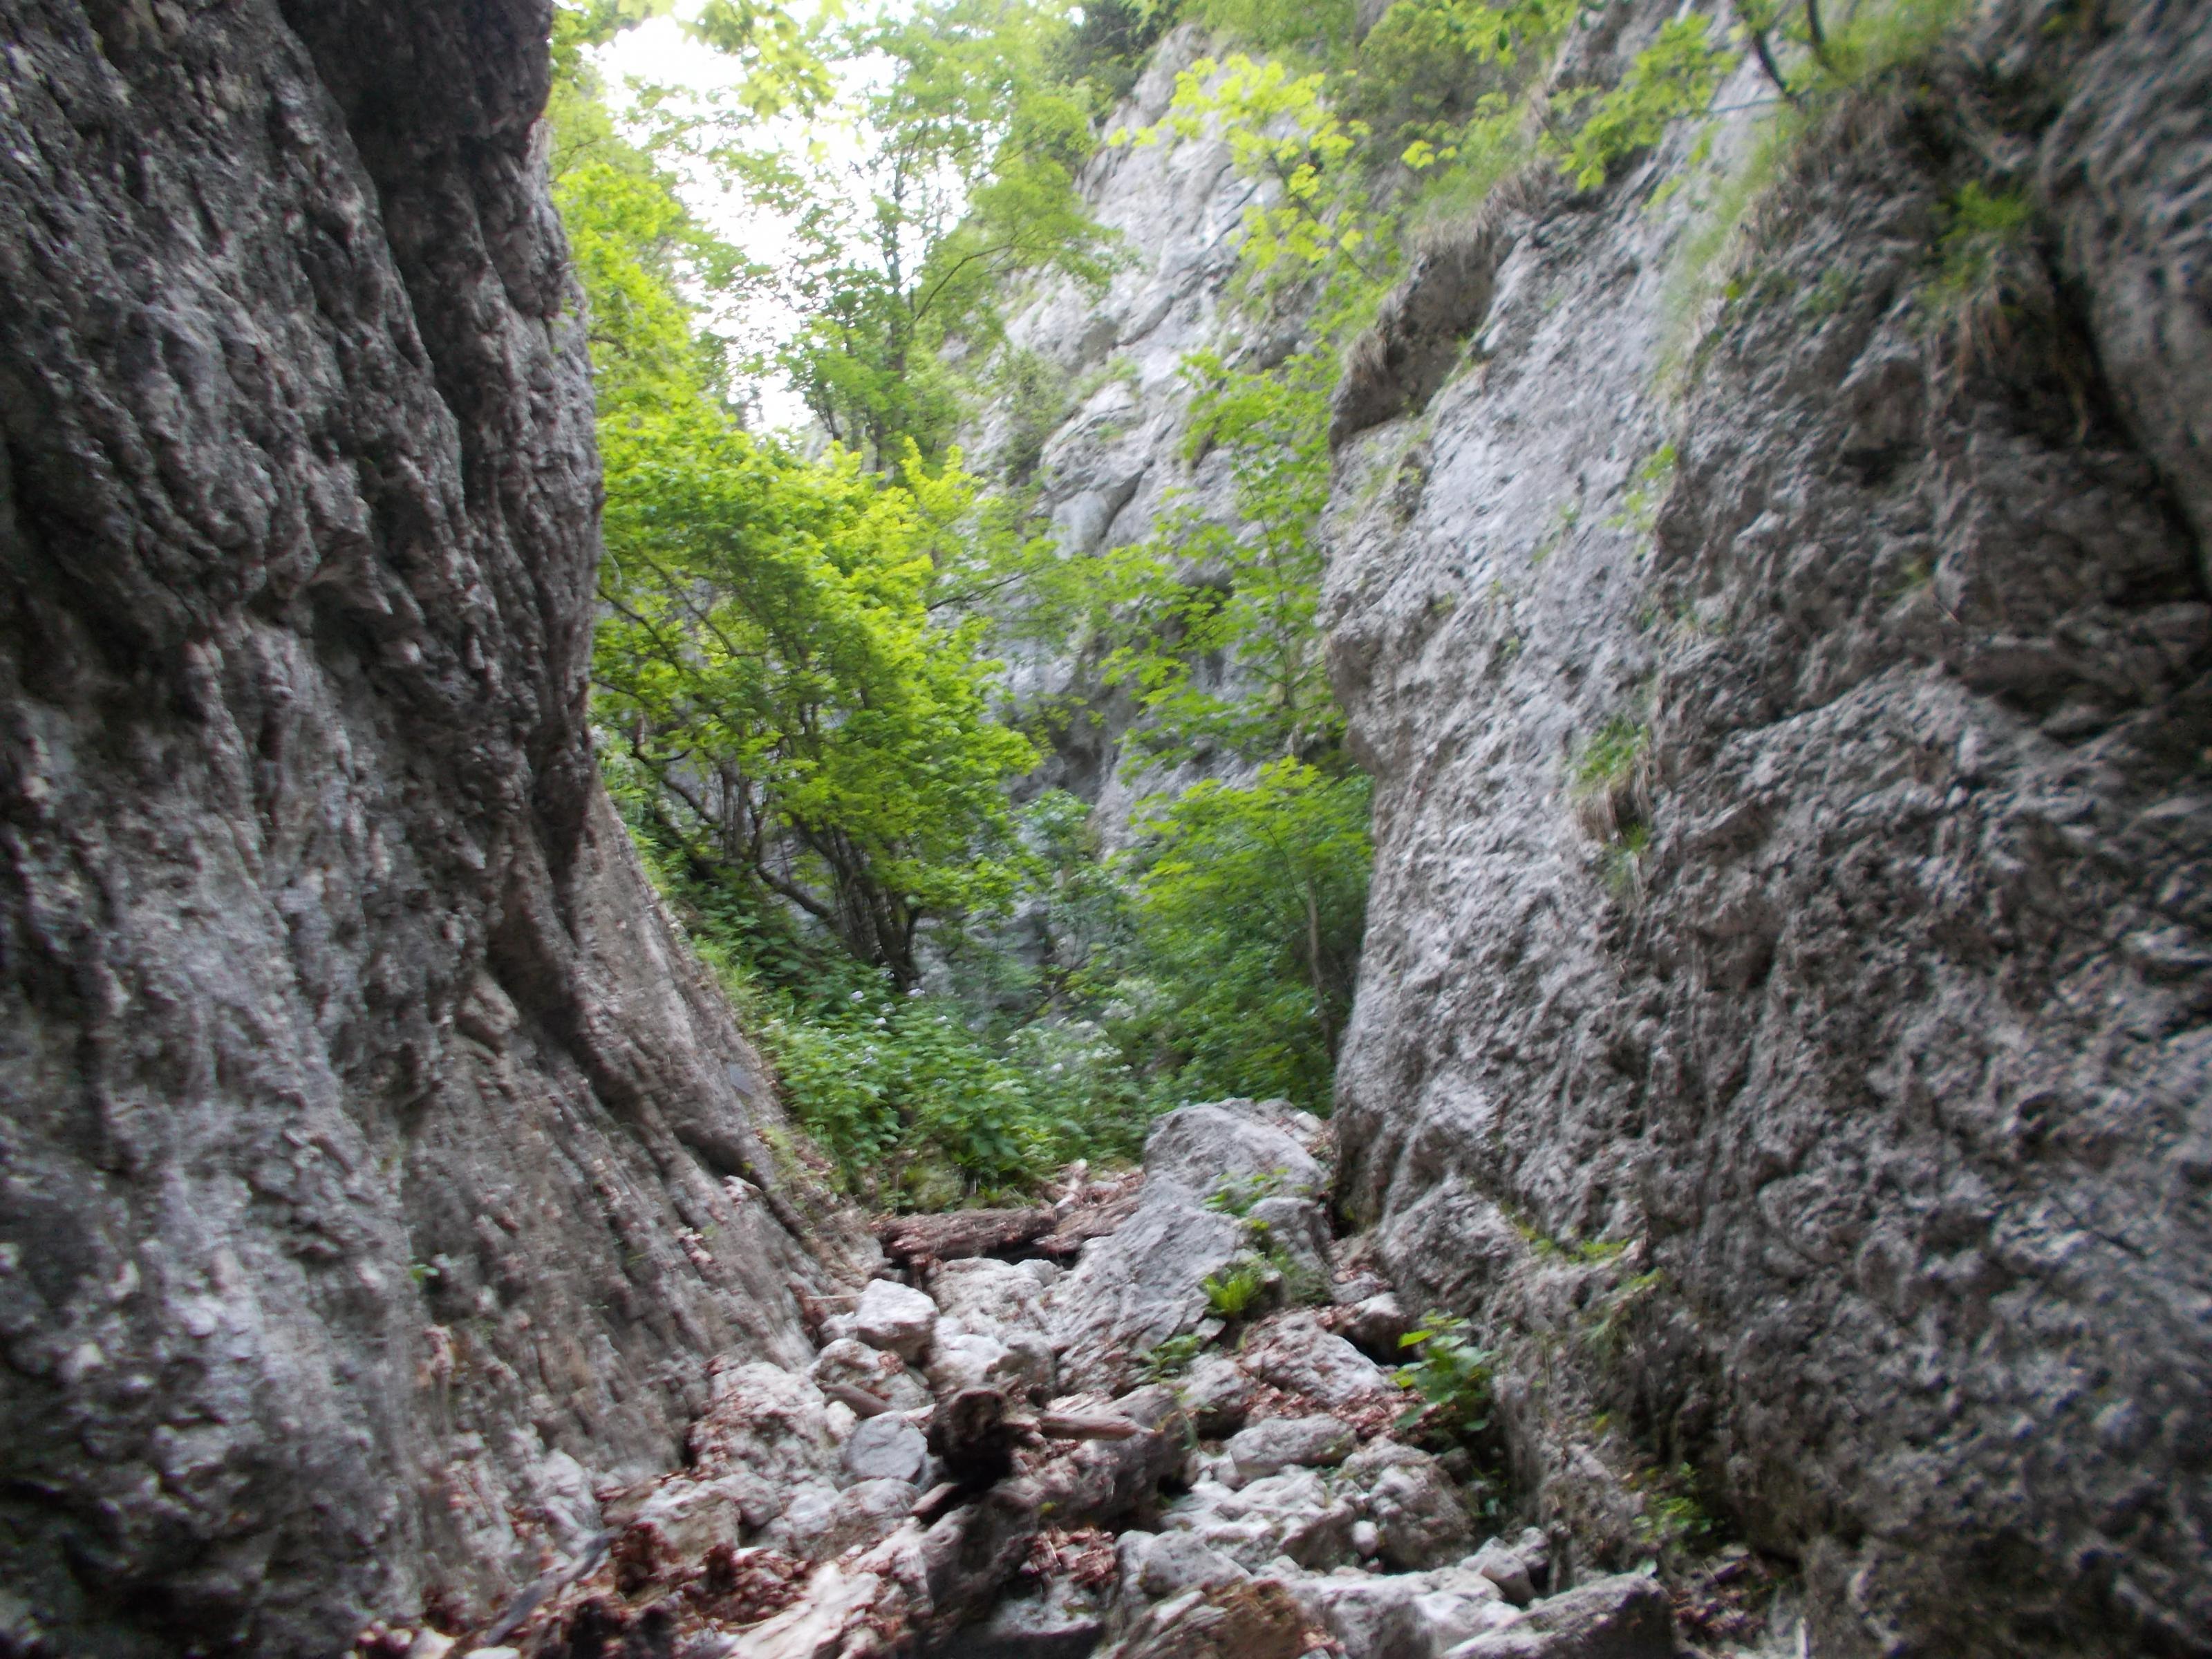 schneeberg-weichtalklamm-stadelwand-009.jpg